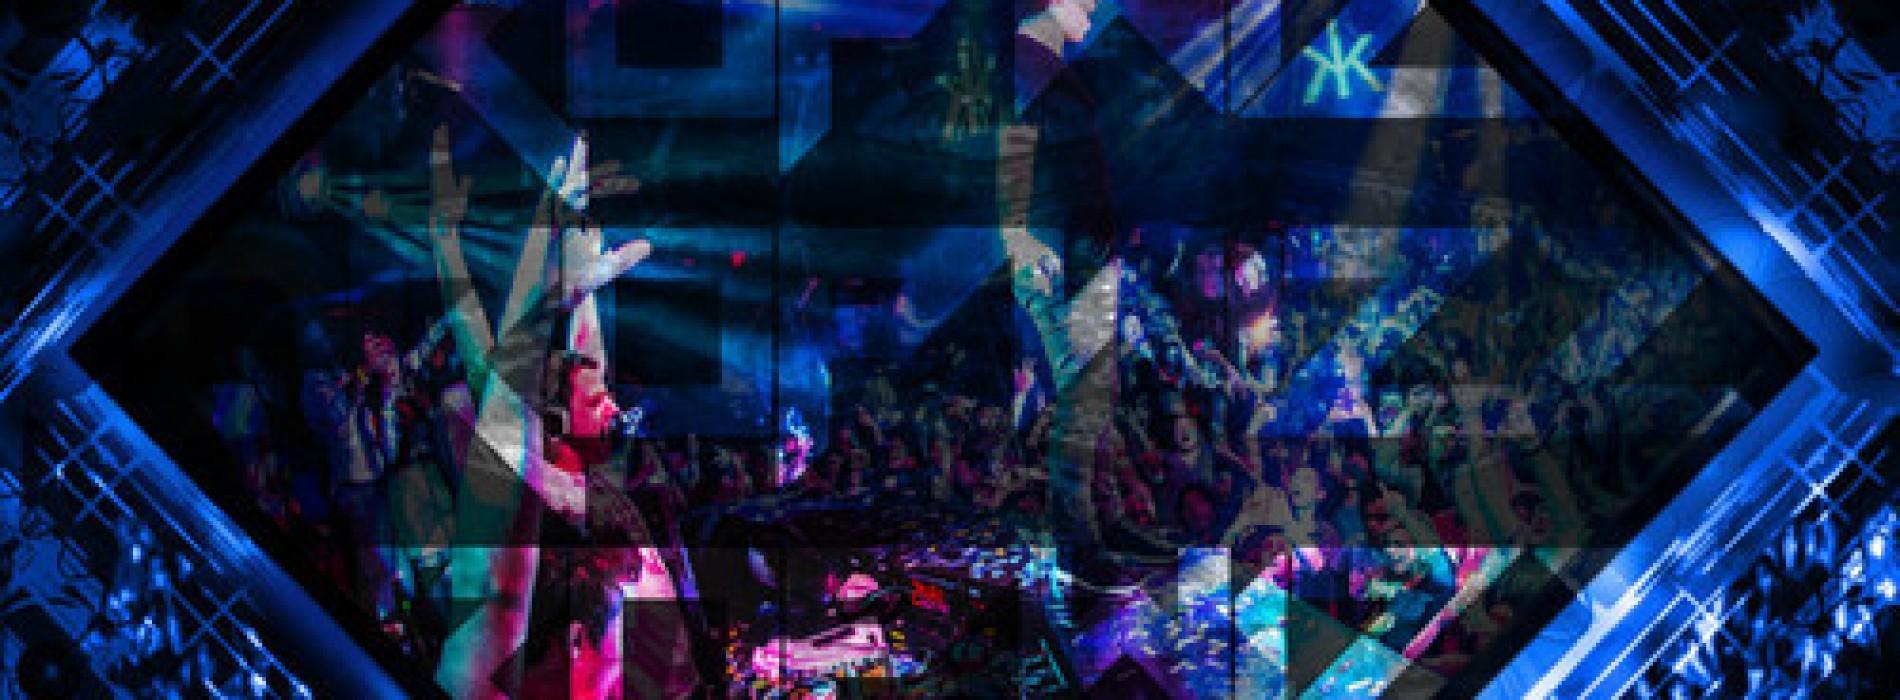 Hardwell & W&W – The Dance Floor Is Yours (Dropwizz Festival Trap Edit)